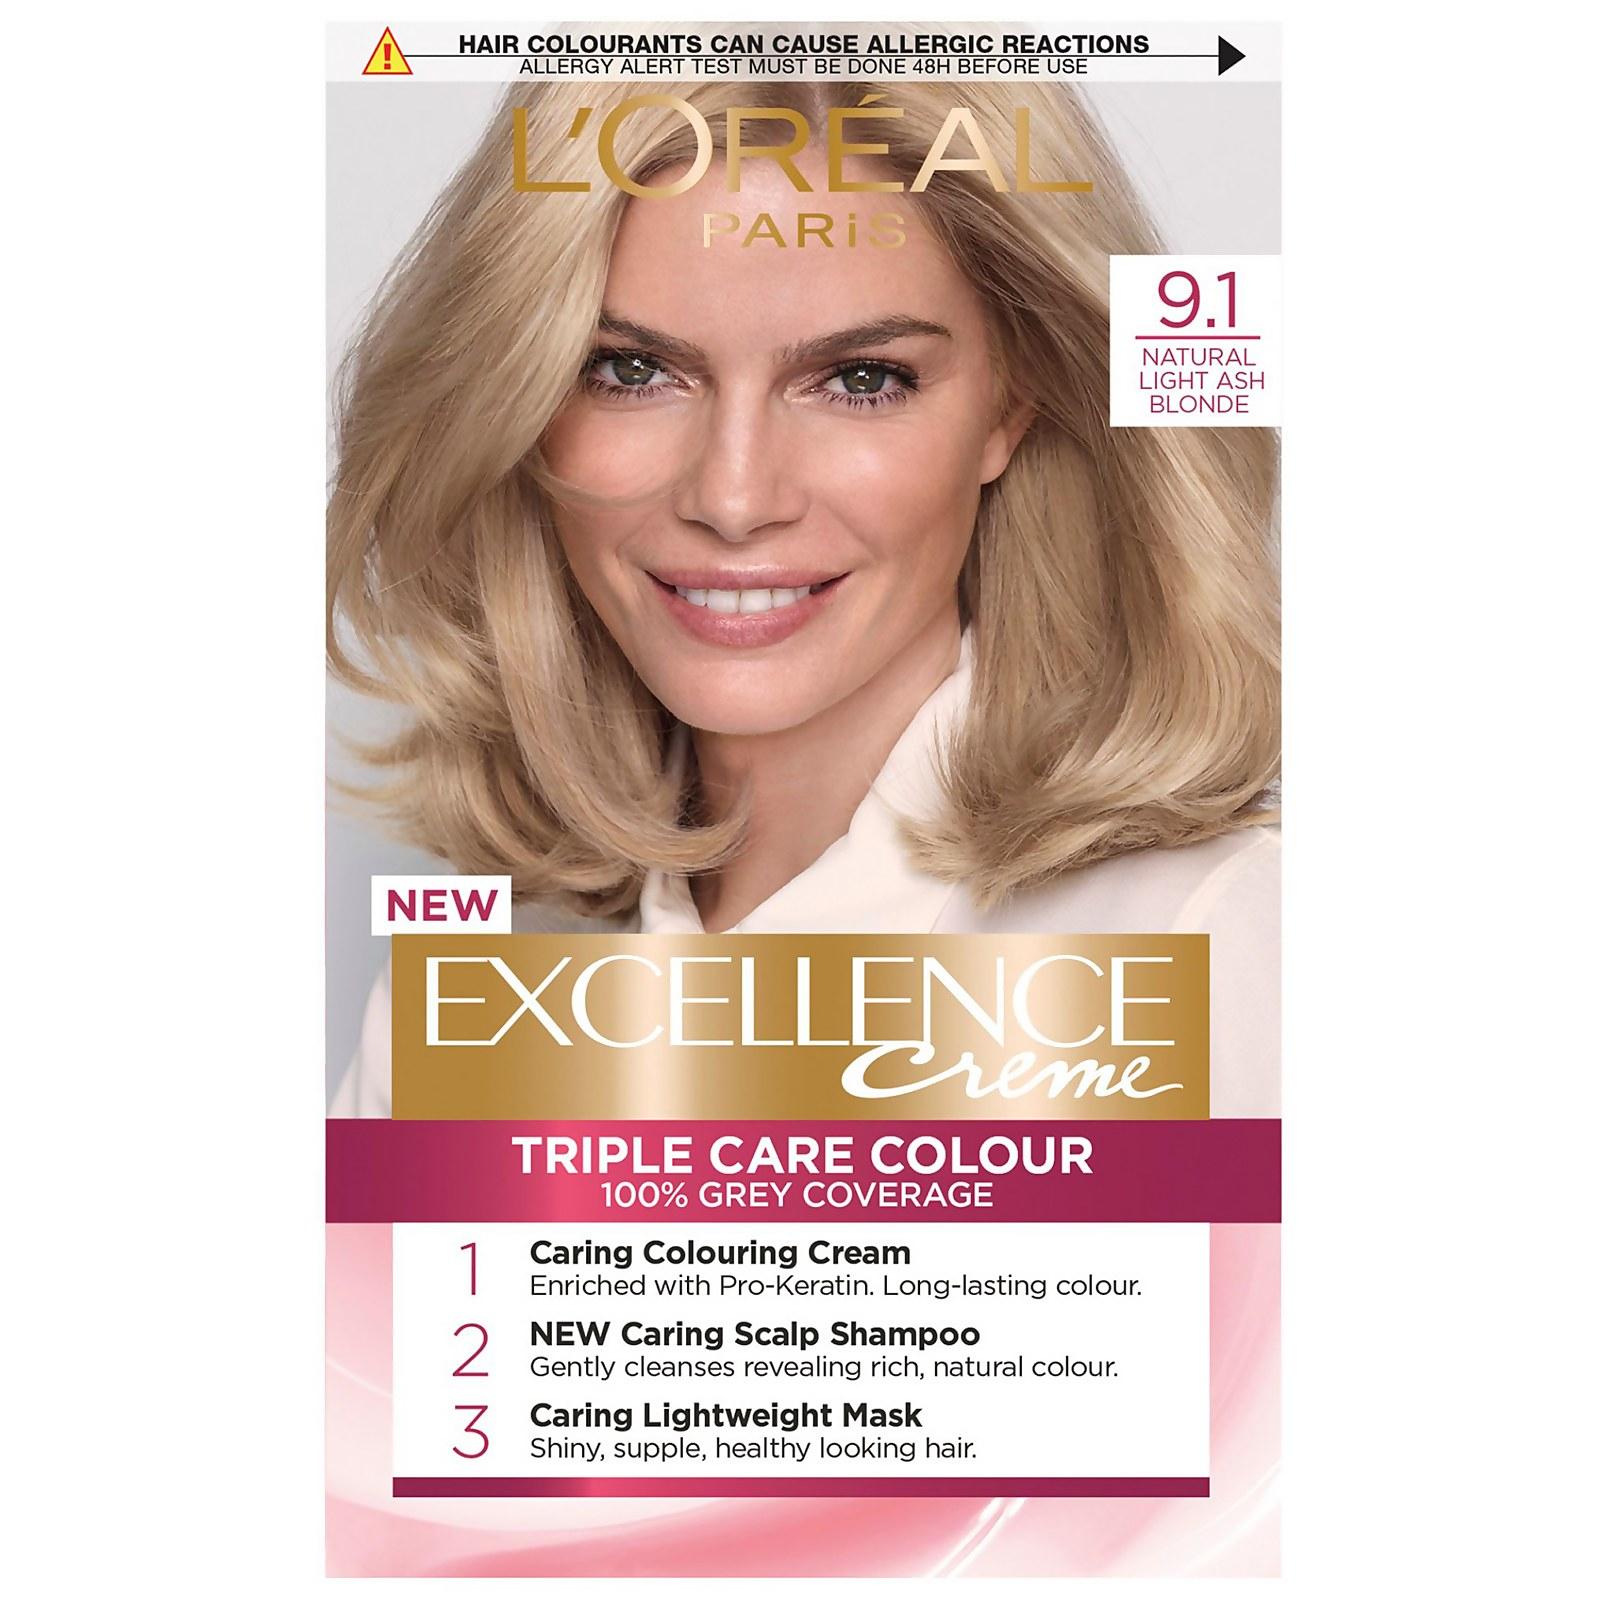 L'Oréal Paris Excellence Crème Permanent Hair Dye (Various Shades) - 9.1 Natural Light Ash Blonde